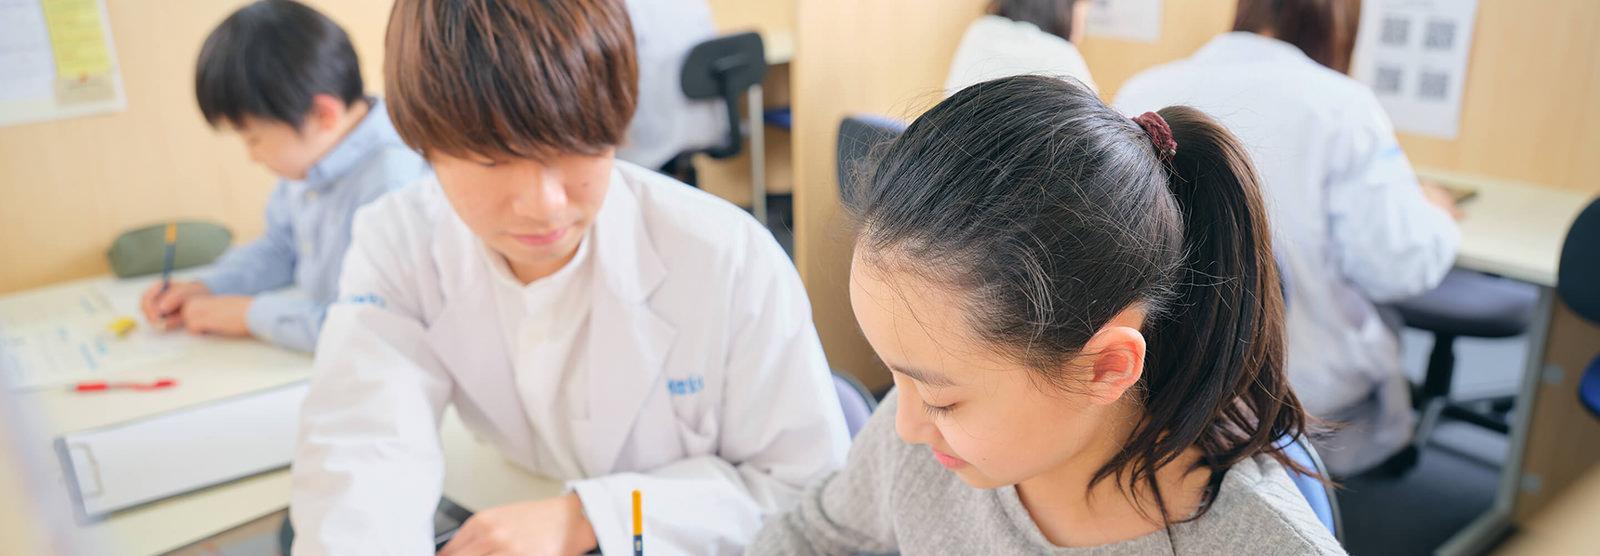 小学生の個別指導(中学受験・公立中学進学)